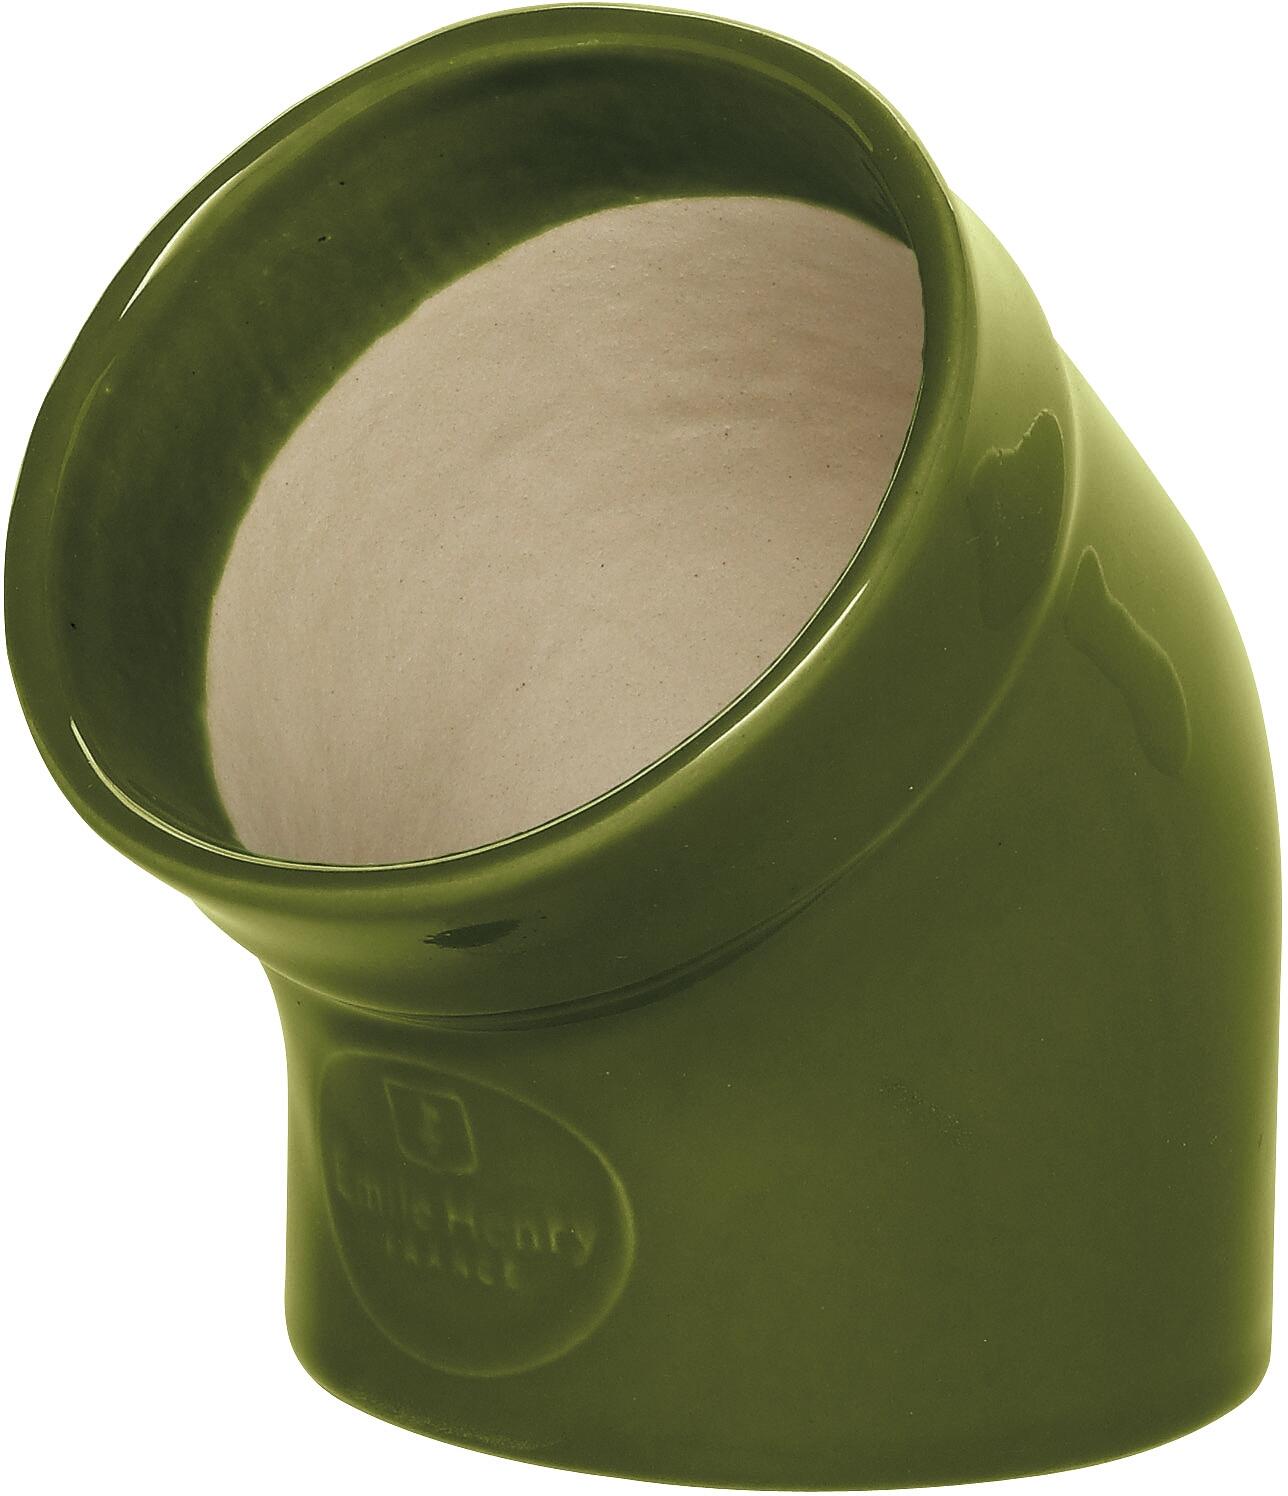 Emile Henry Olive Ceramic Gourmet Salt Pig